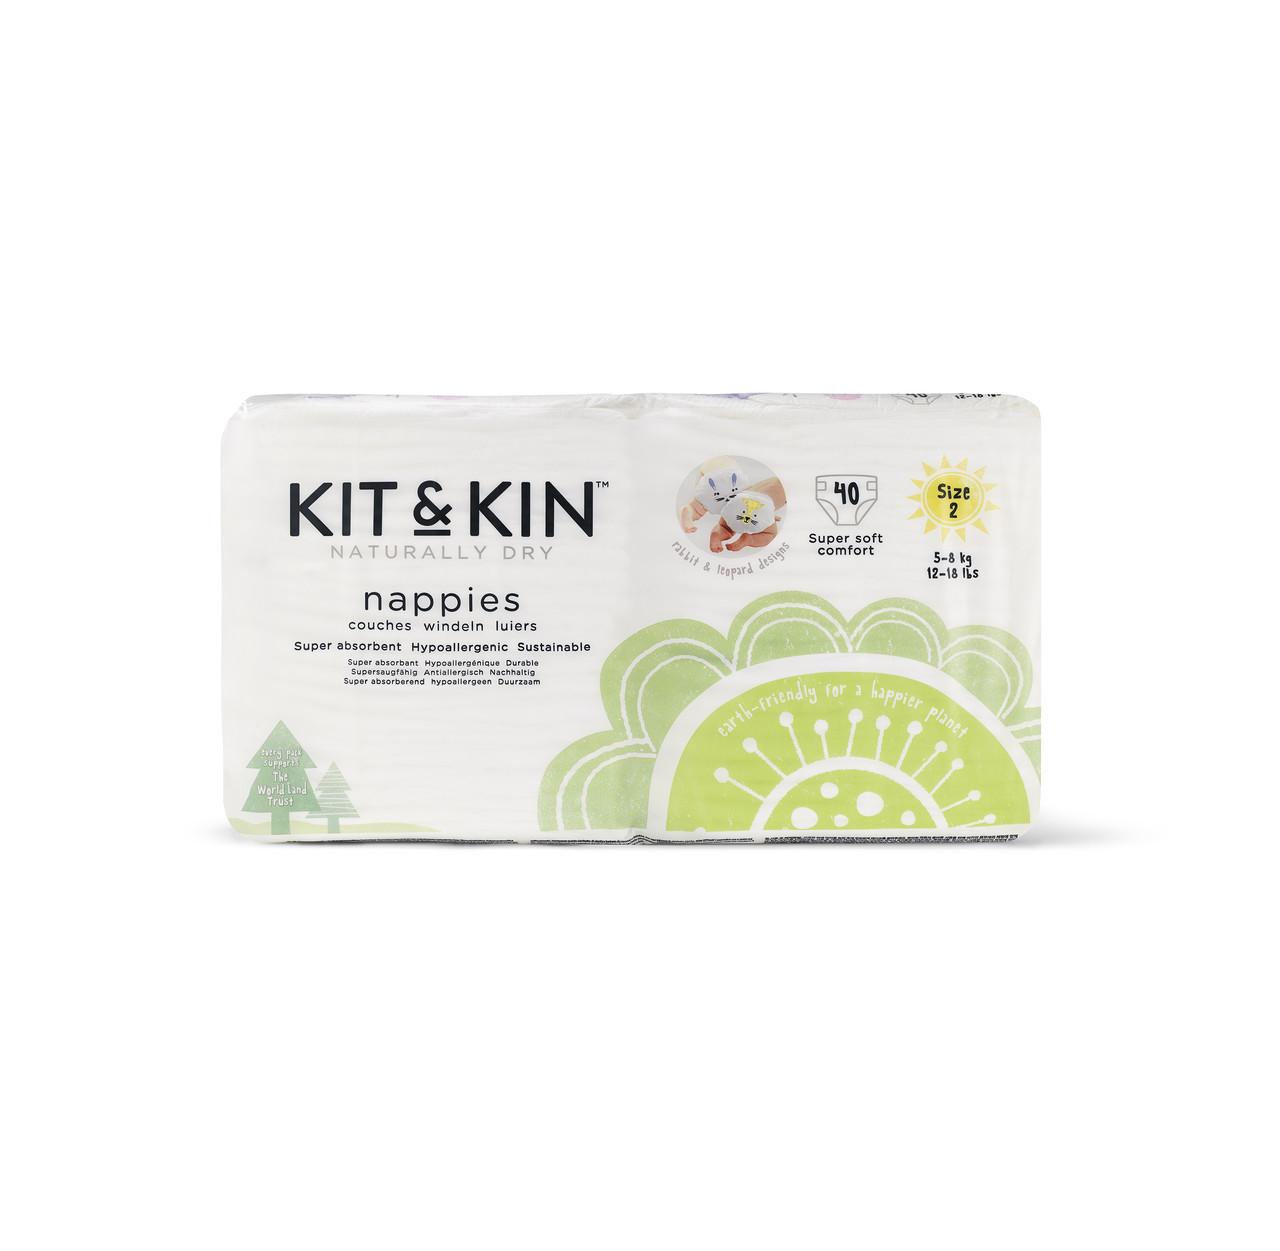 Эко Подгузники Kit & Kin размер 2(40 шт/уп), 5-8 кг, Кролик/Леопард